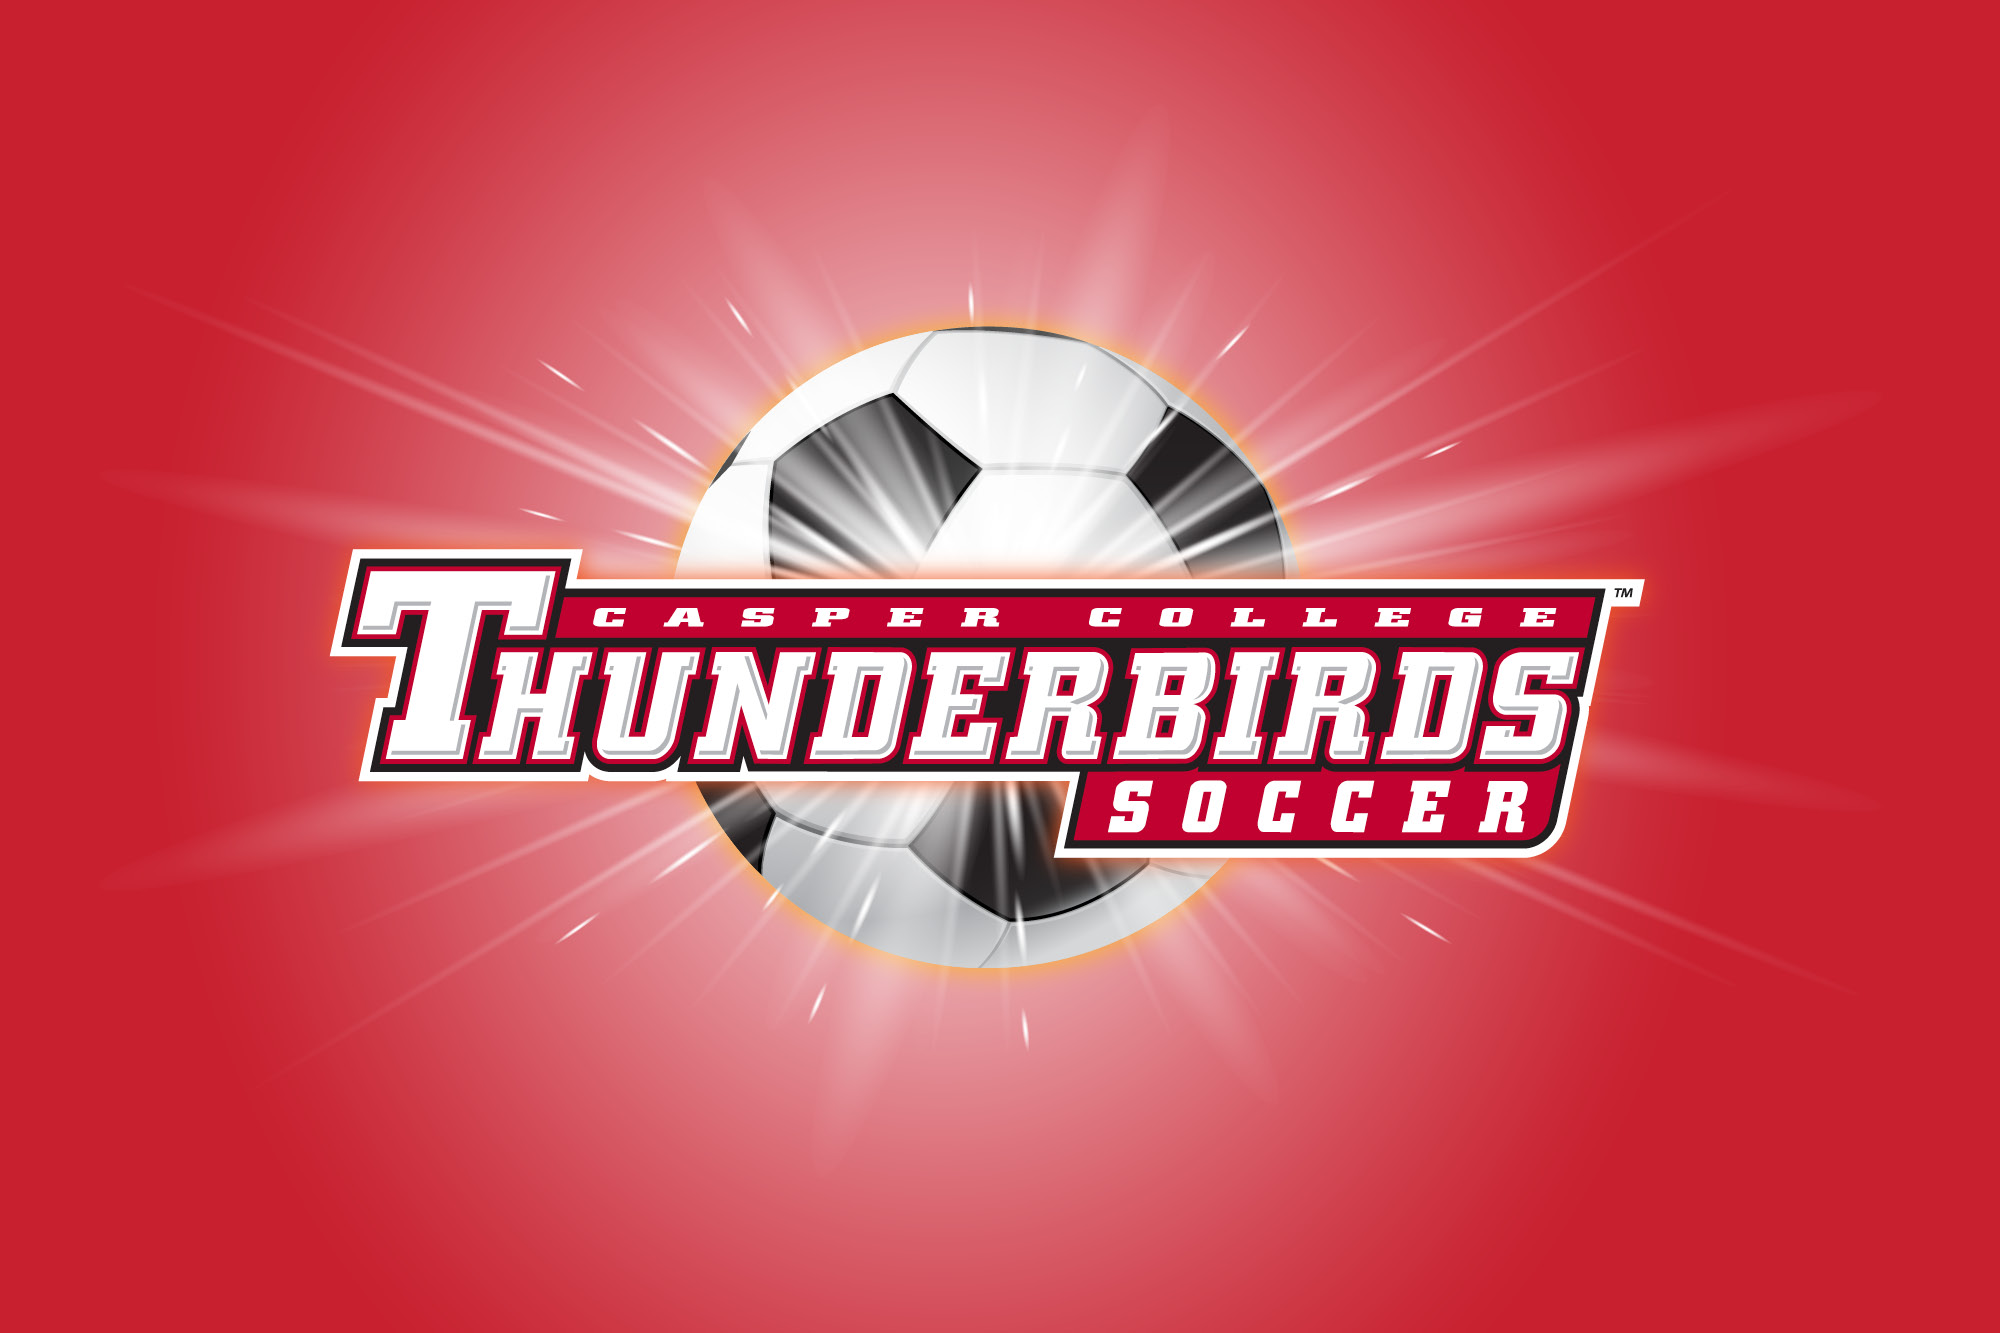 Image for Casper College soccer.